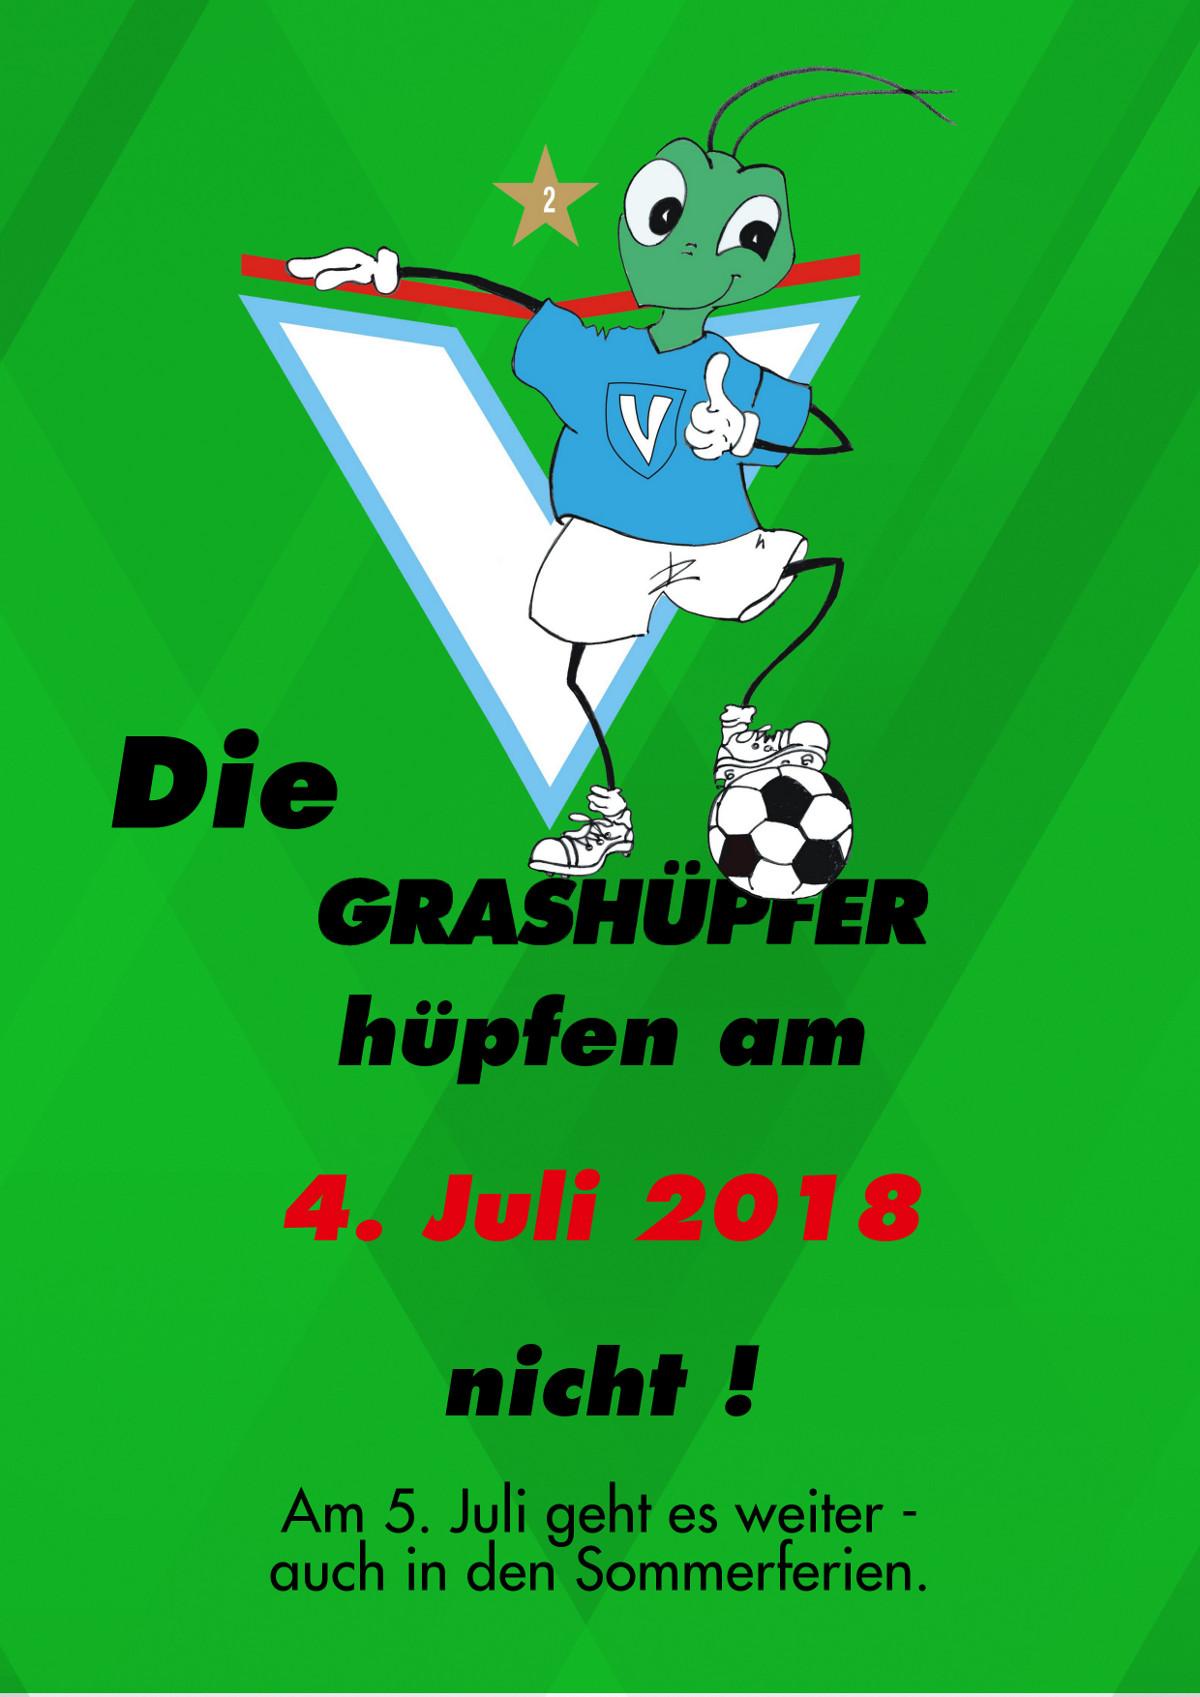 Viktoria Berlin - Die Grashüpfer hüpfen nicht